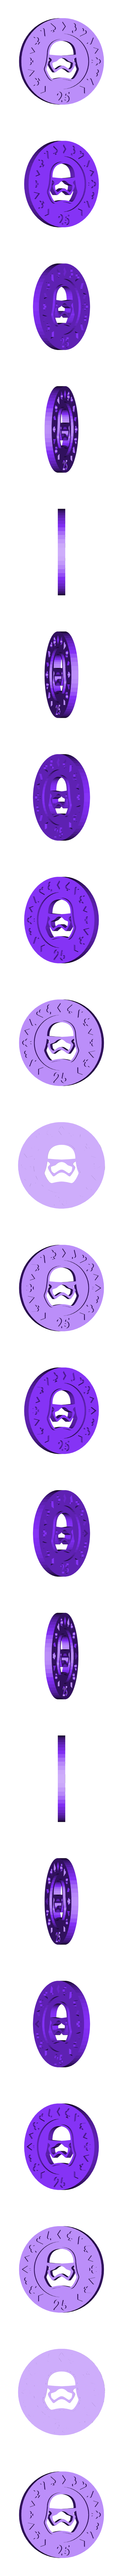 25.stl Descargar archivo STL Star Wars - Fichas de Póquer • Objeto imprimible en 3D, Made_In_Space